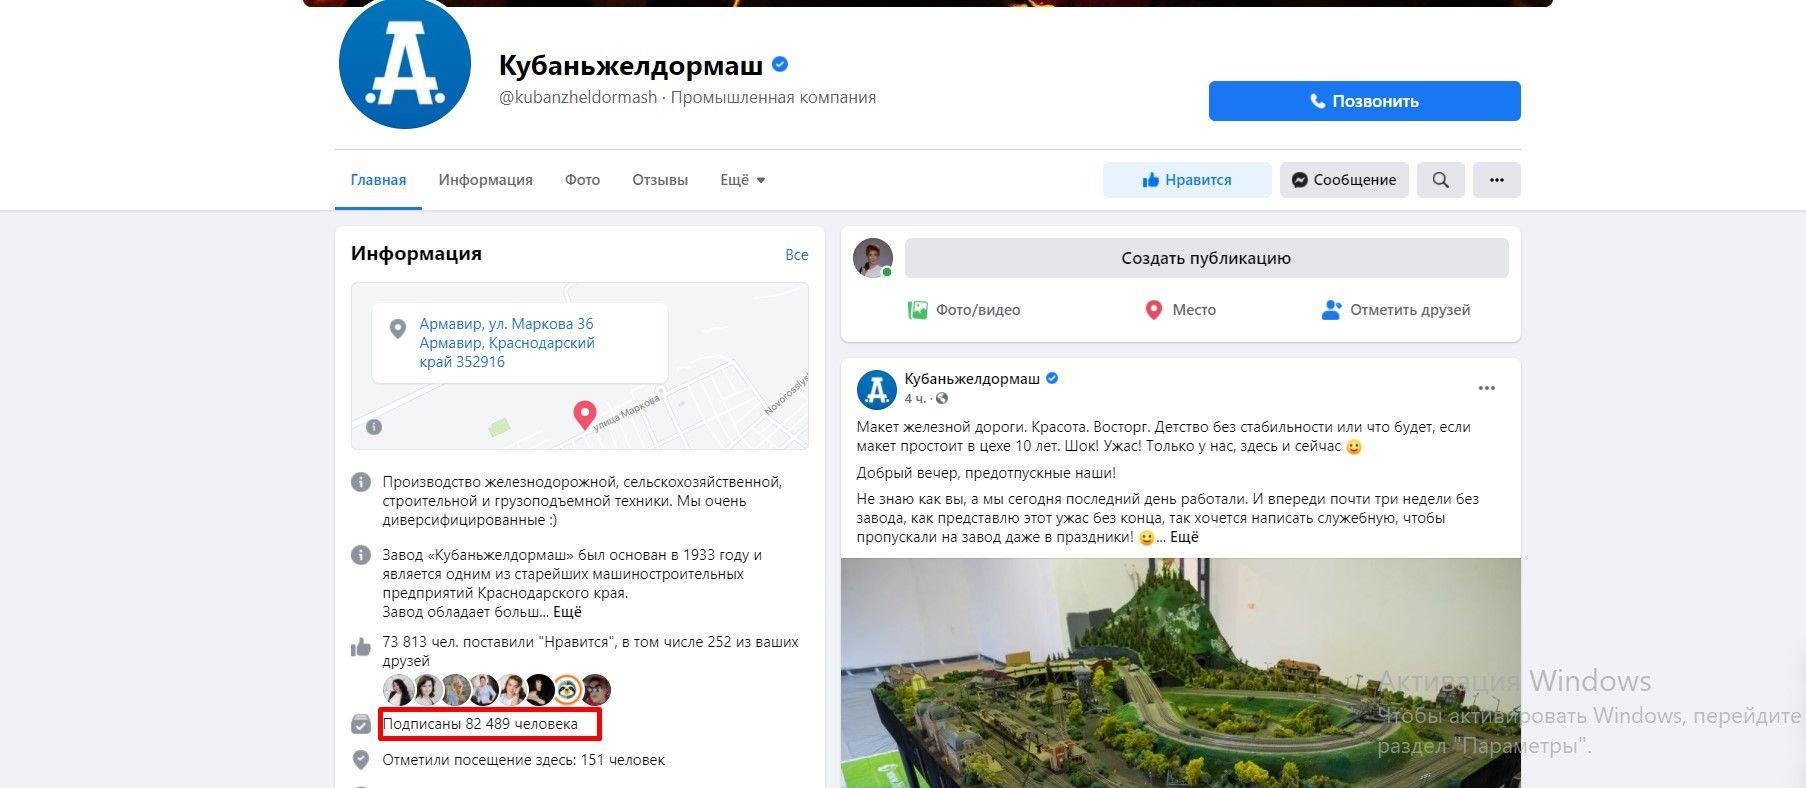 «Кубаньжелдормаш» бьет рекорды в тяжелом машиностроении по количеству подписчиков в соцсетях